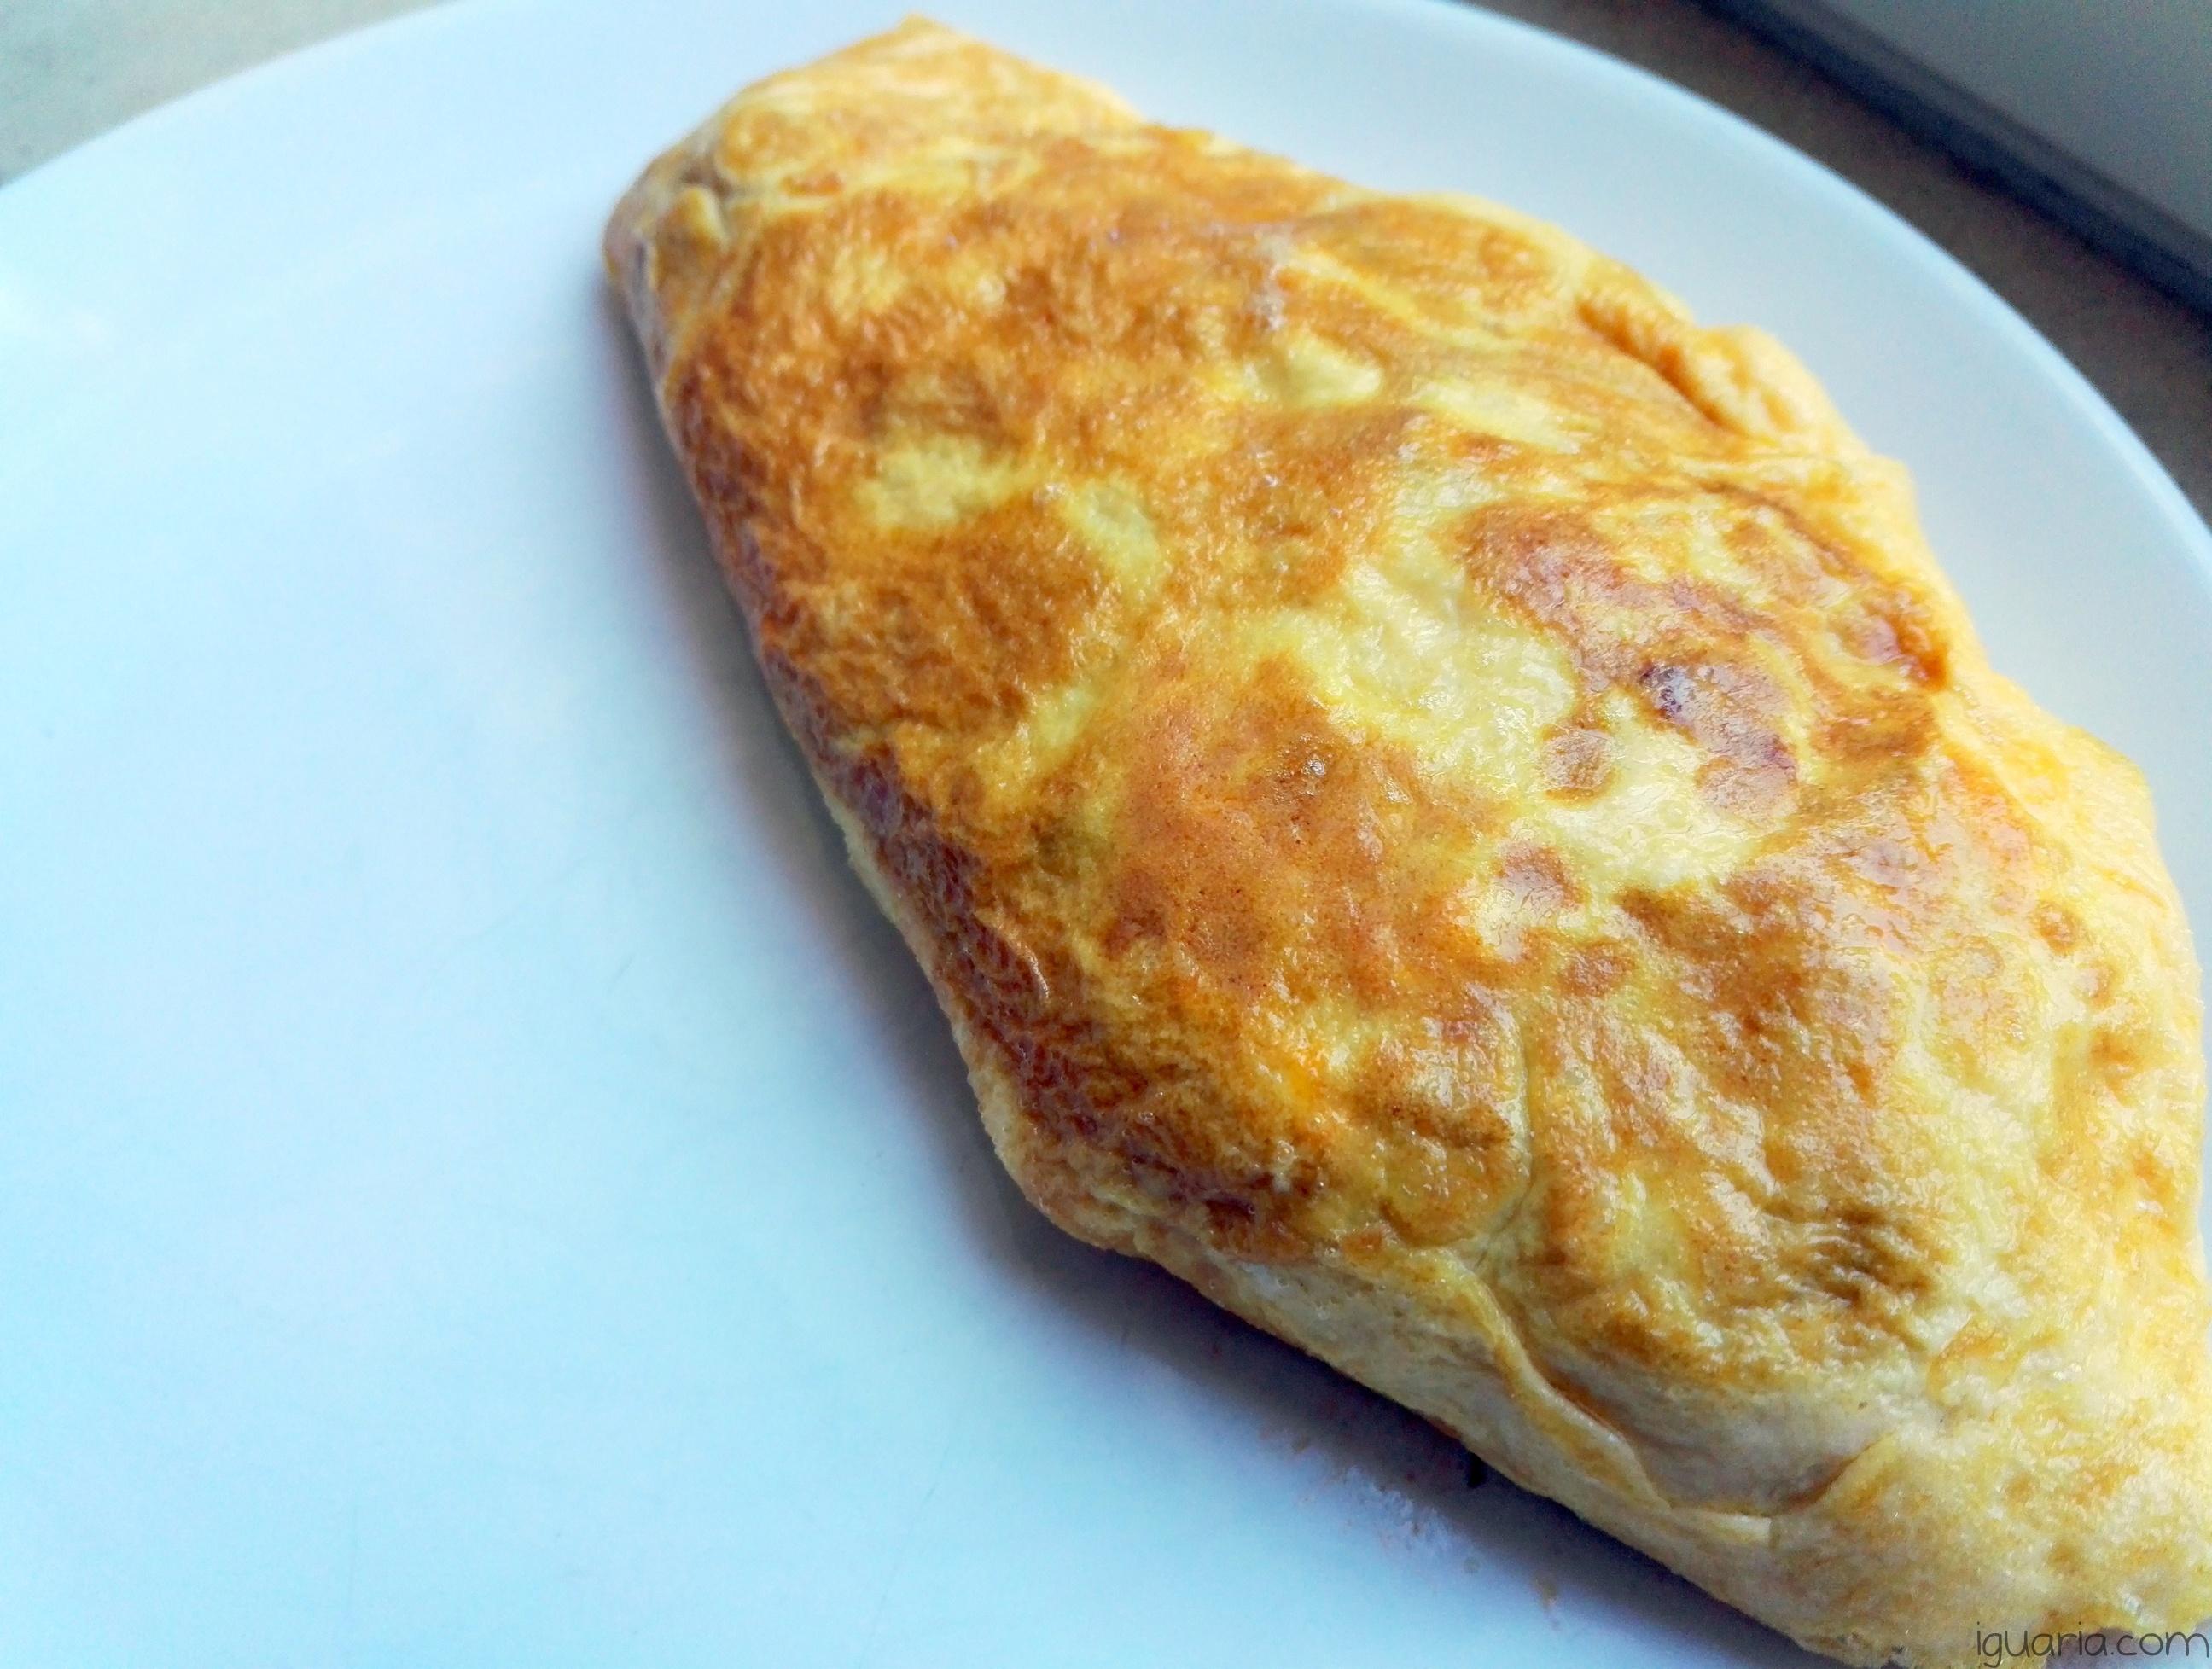 iguaria-omelete-recheada-com-arroz